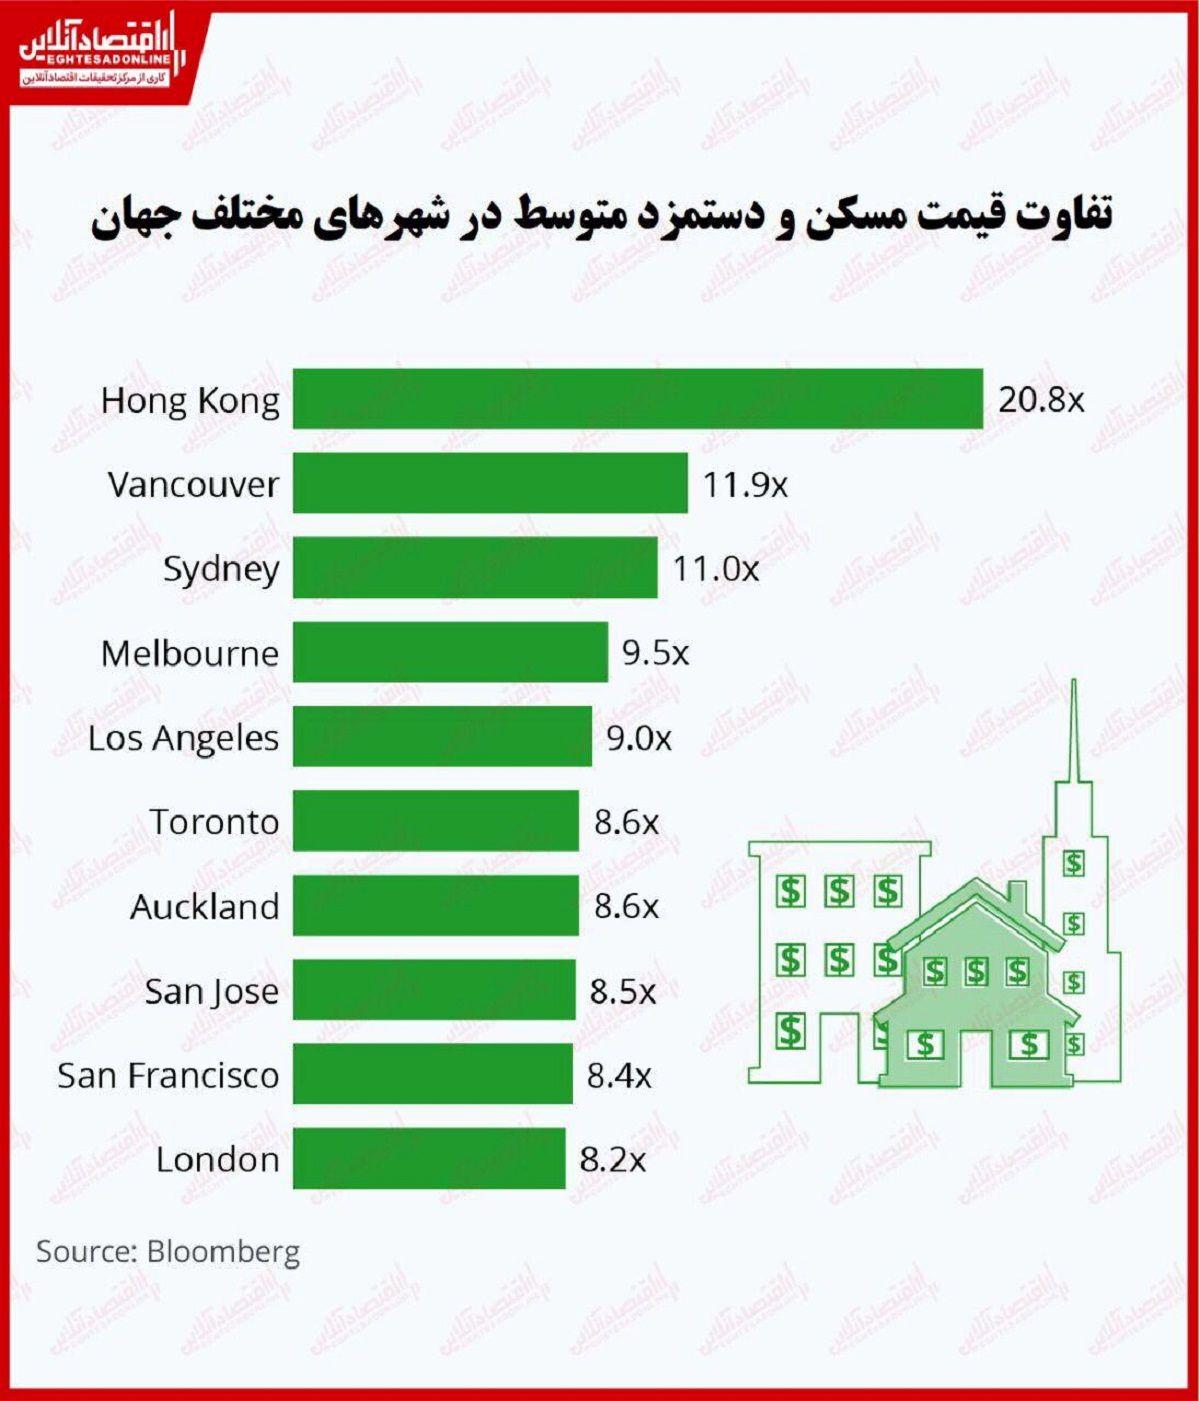 اختلاف دستمزد و قیمت مسکن در کدام شهرها بیشتر است؟/ هزینه سرسامآور خانه در هنگکنگ